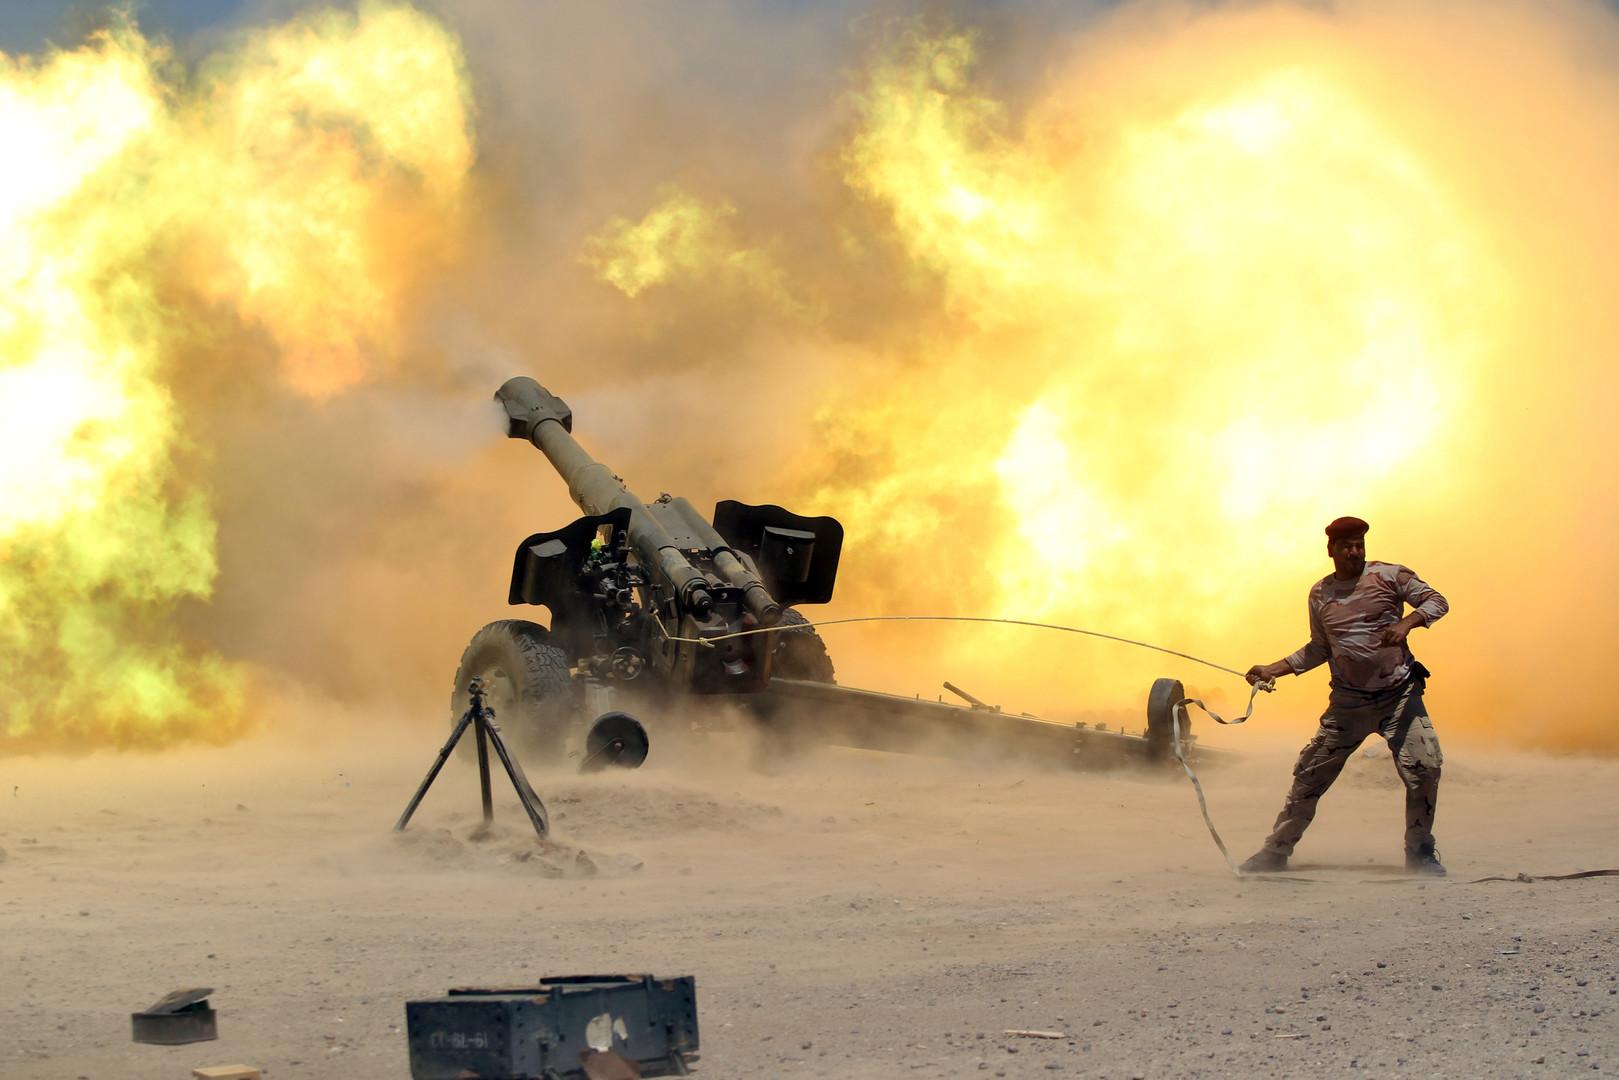 Иракский военнослужащий в ходе столкновений с боевиками «Исламского государства» в районе Эль-Фаллуджи